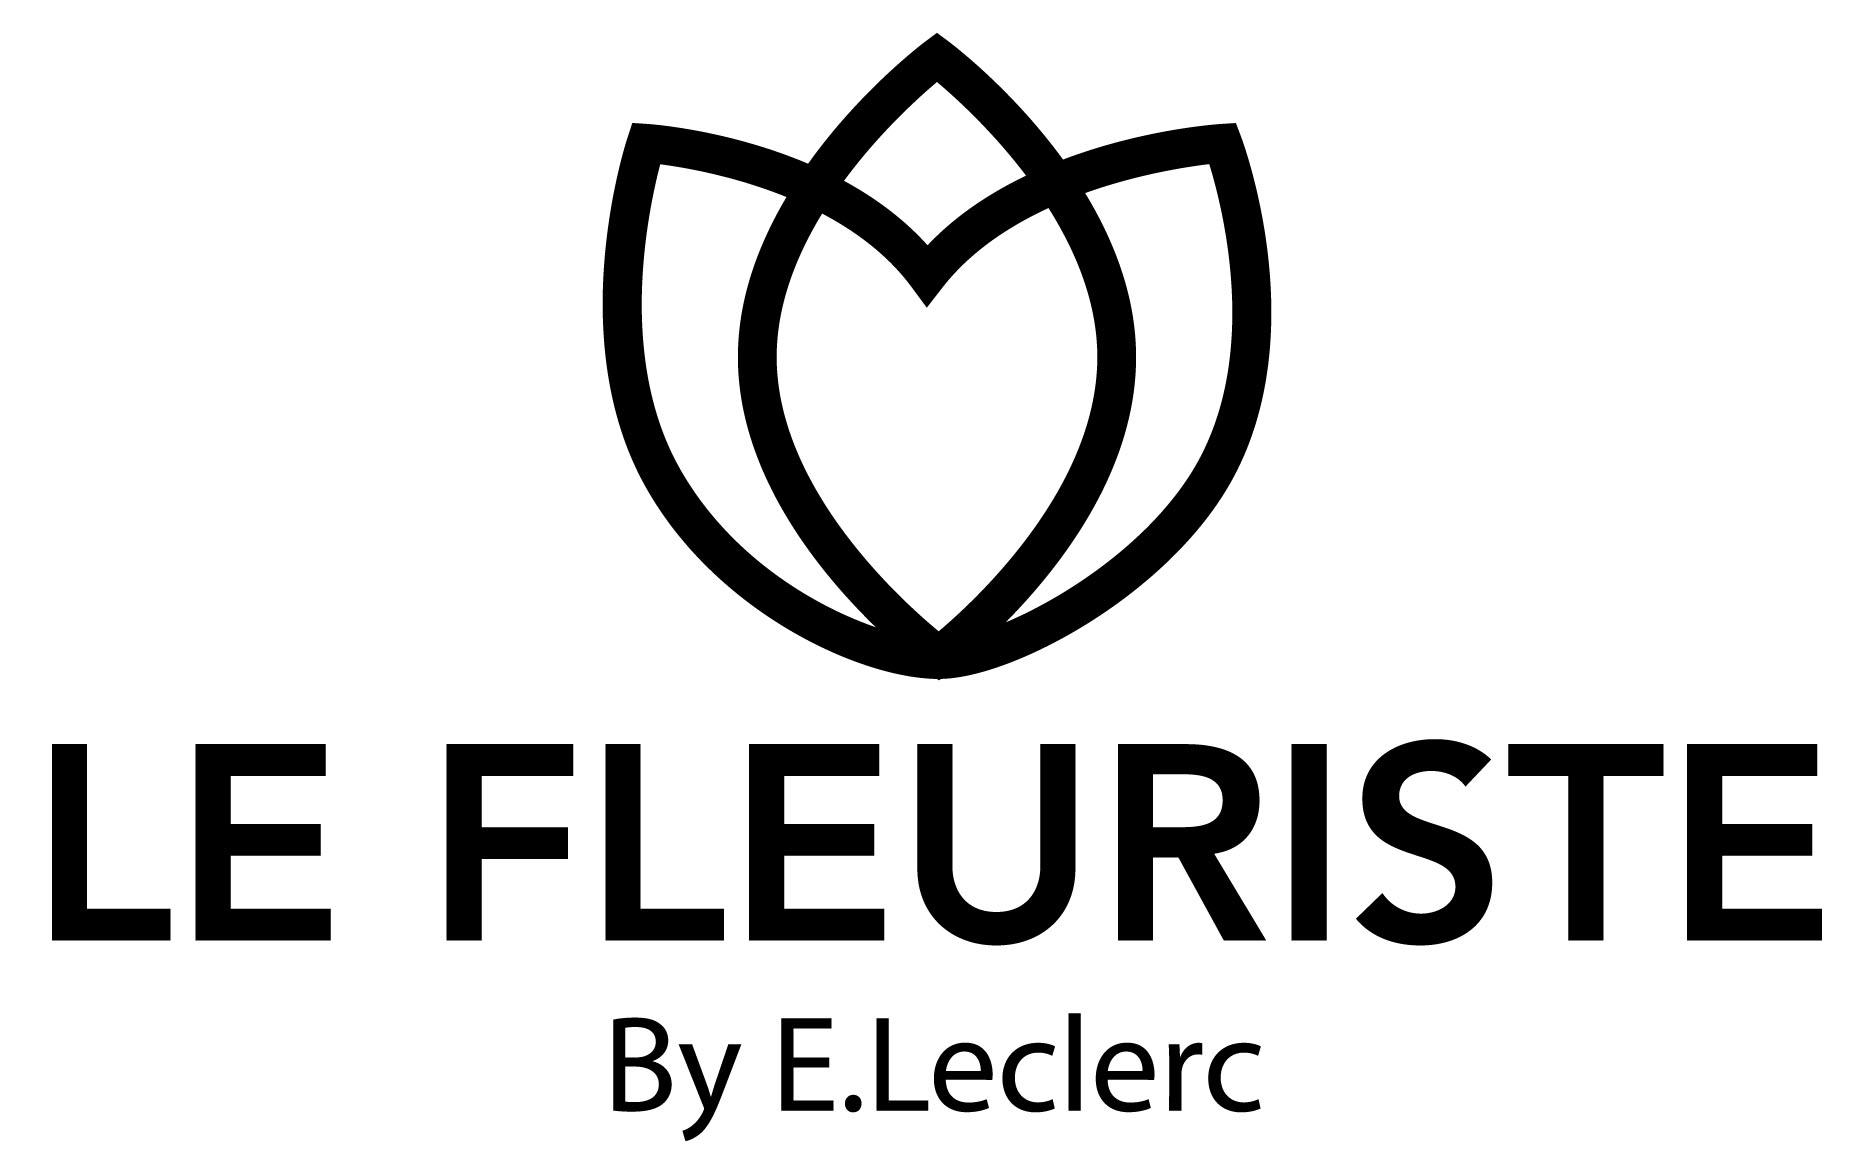 Leclerc Fleuriste